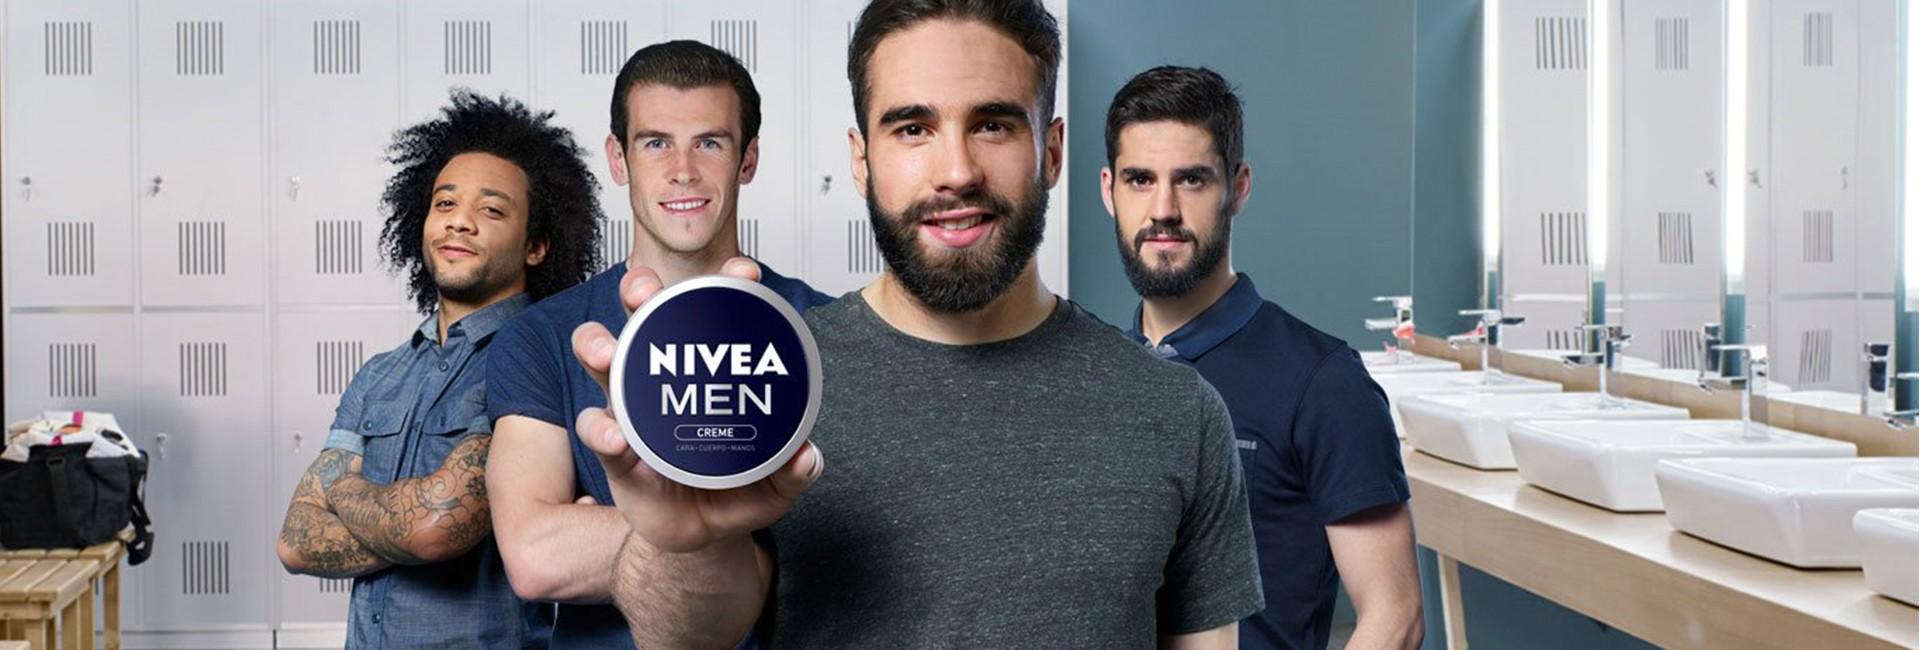 La mythique boîte bleue veut séduire les hommes